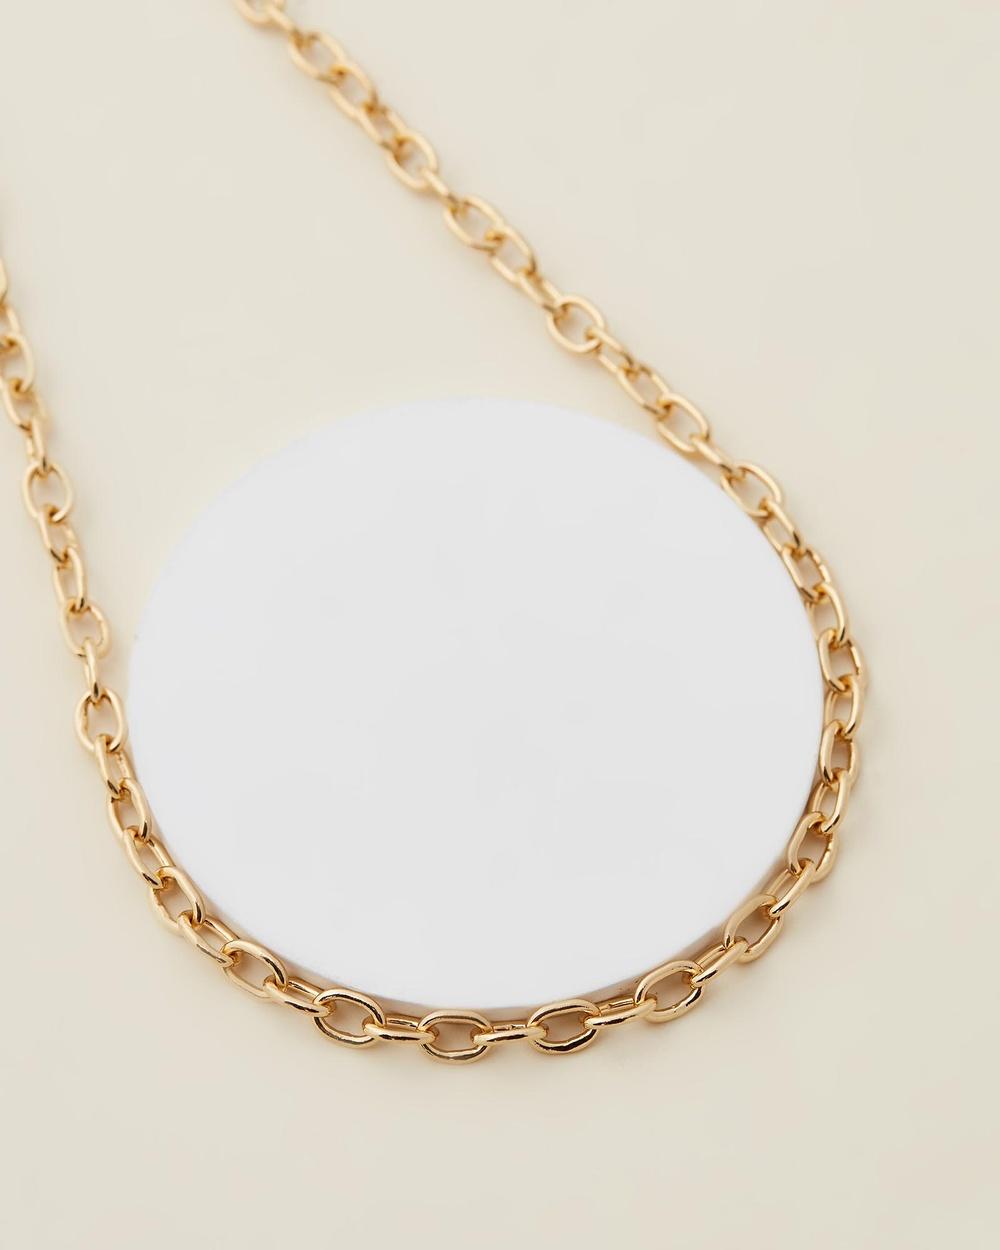 Jackie Mack Playa Necklace Jewellery 18k Yellow Gold Vermeil